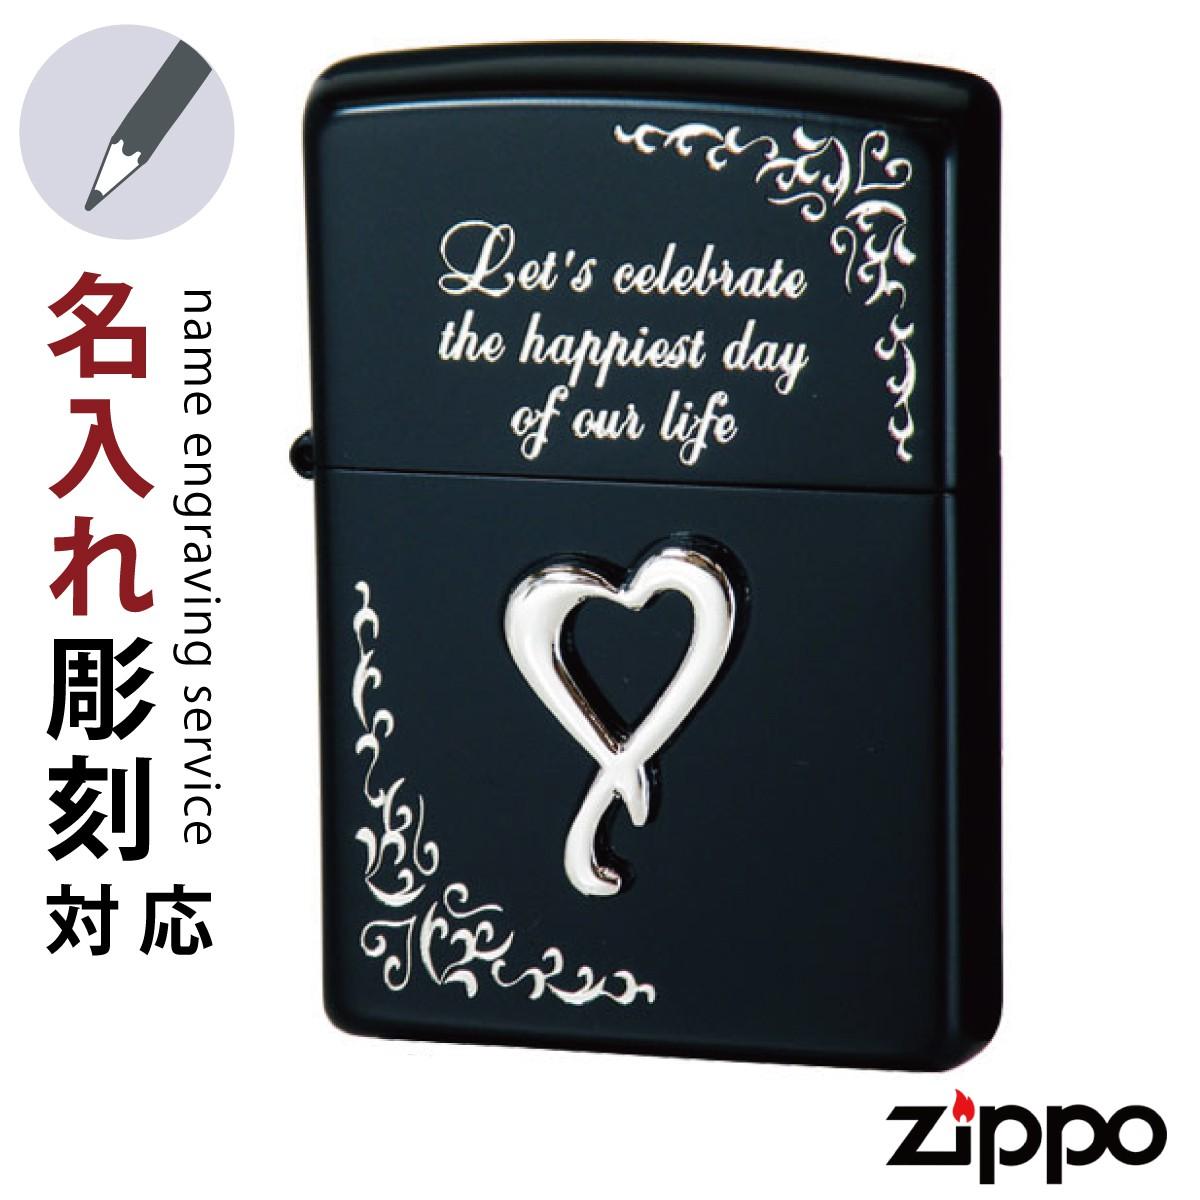 ◆期間限定P10◆ zippo 名入れ ジッポー ライター ホーリーメタルブラックハート 名入れ ギフト オイルライター ジッポライター ギフト プレゼント 彼氏 男性 メンズ